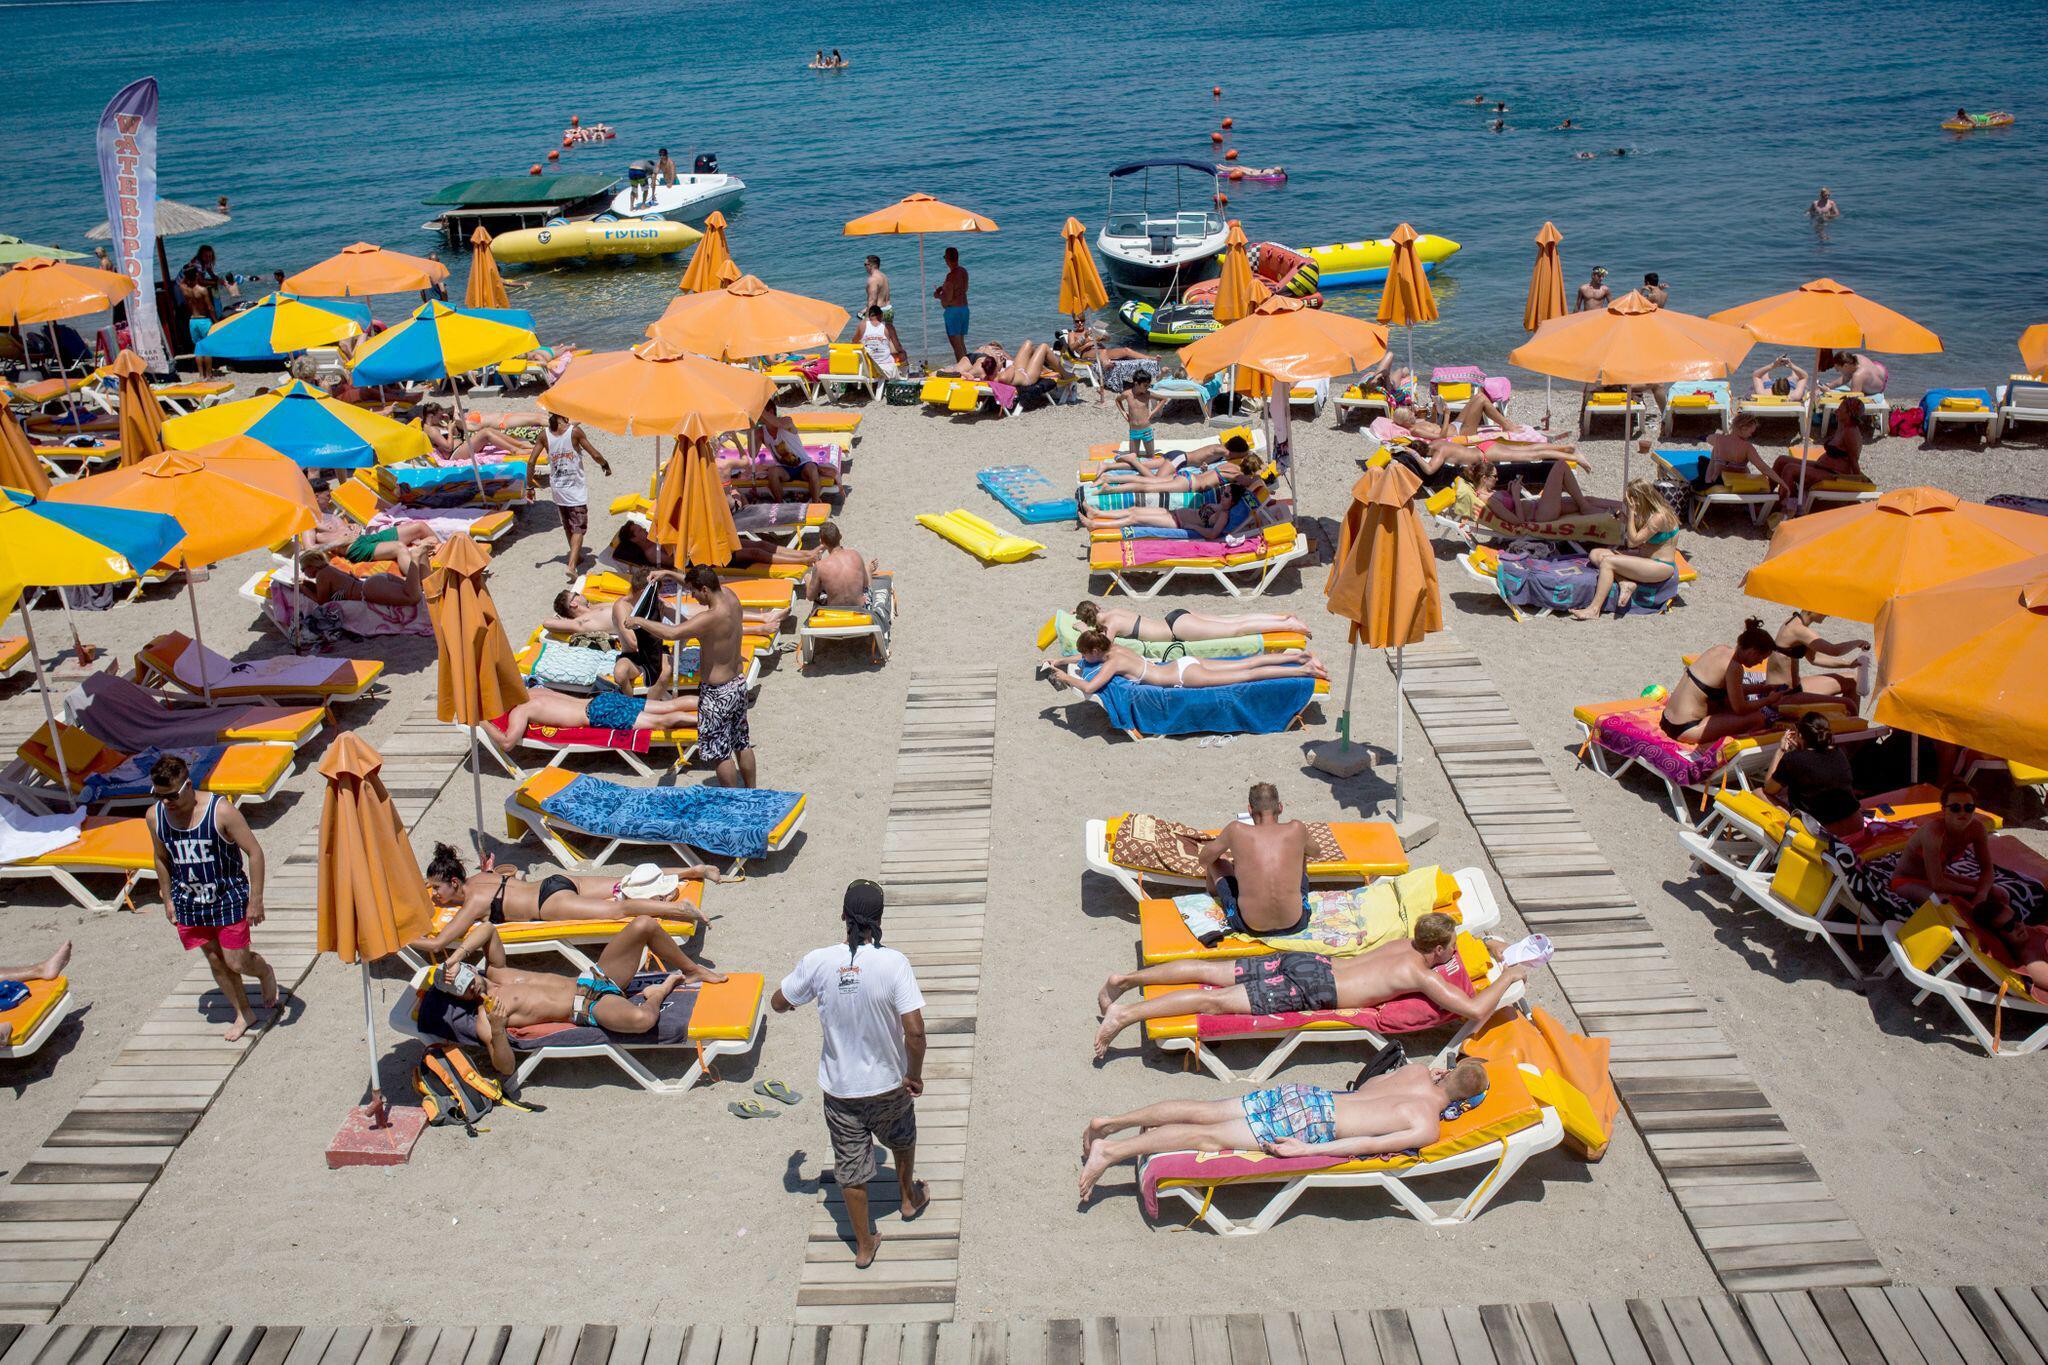 Bild zu Touristen am Strand am Mittelmeer